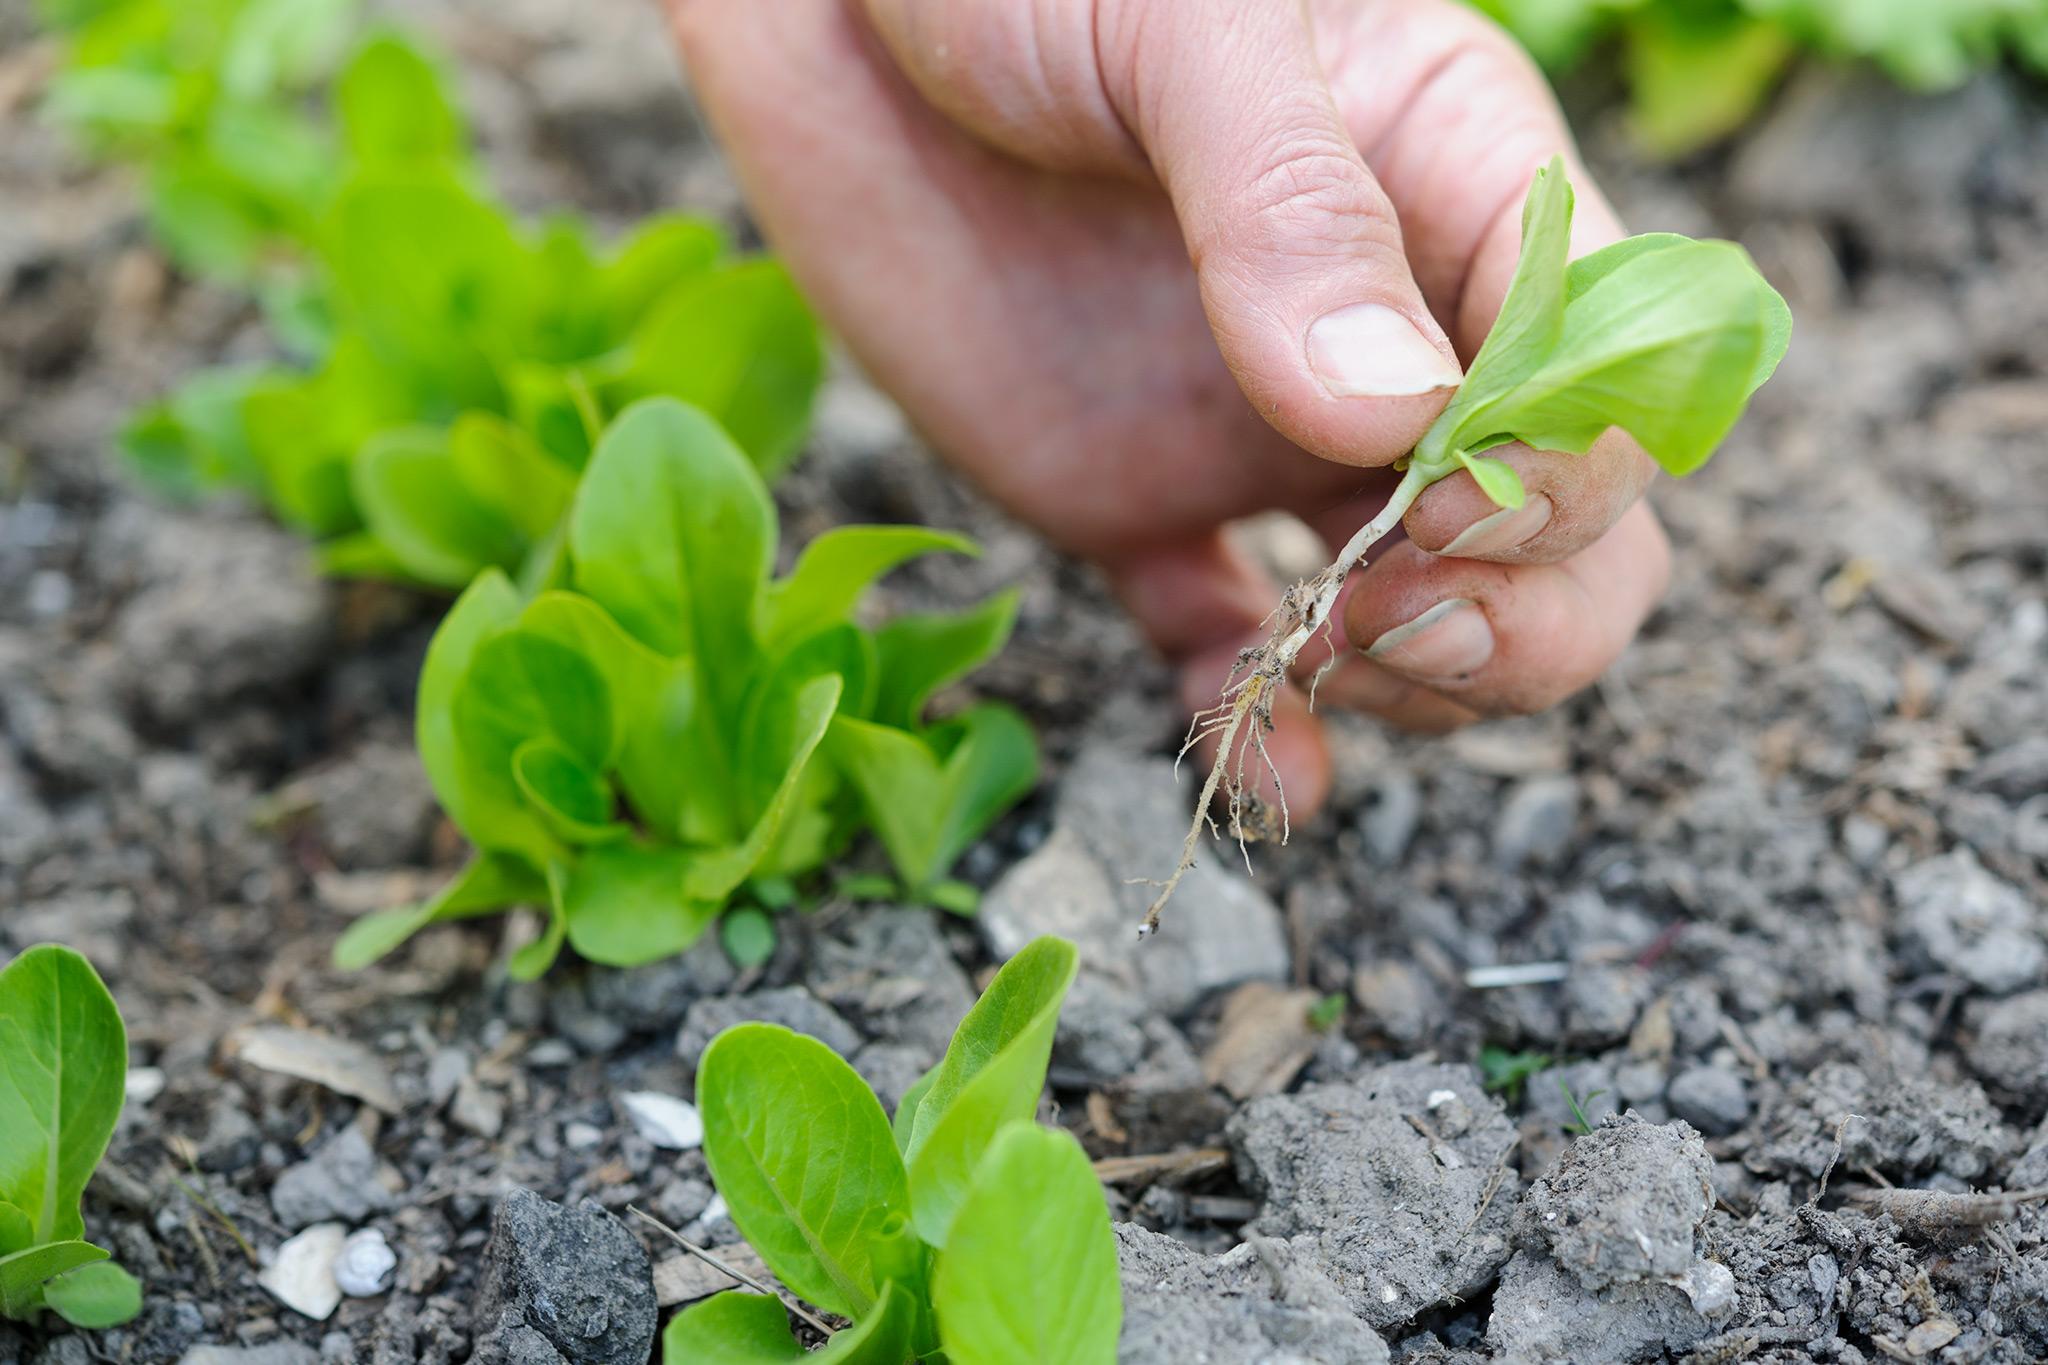 thinning-lettuce-seedlings-2